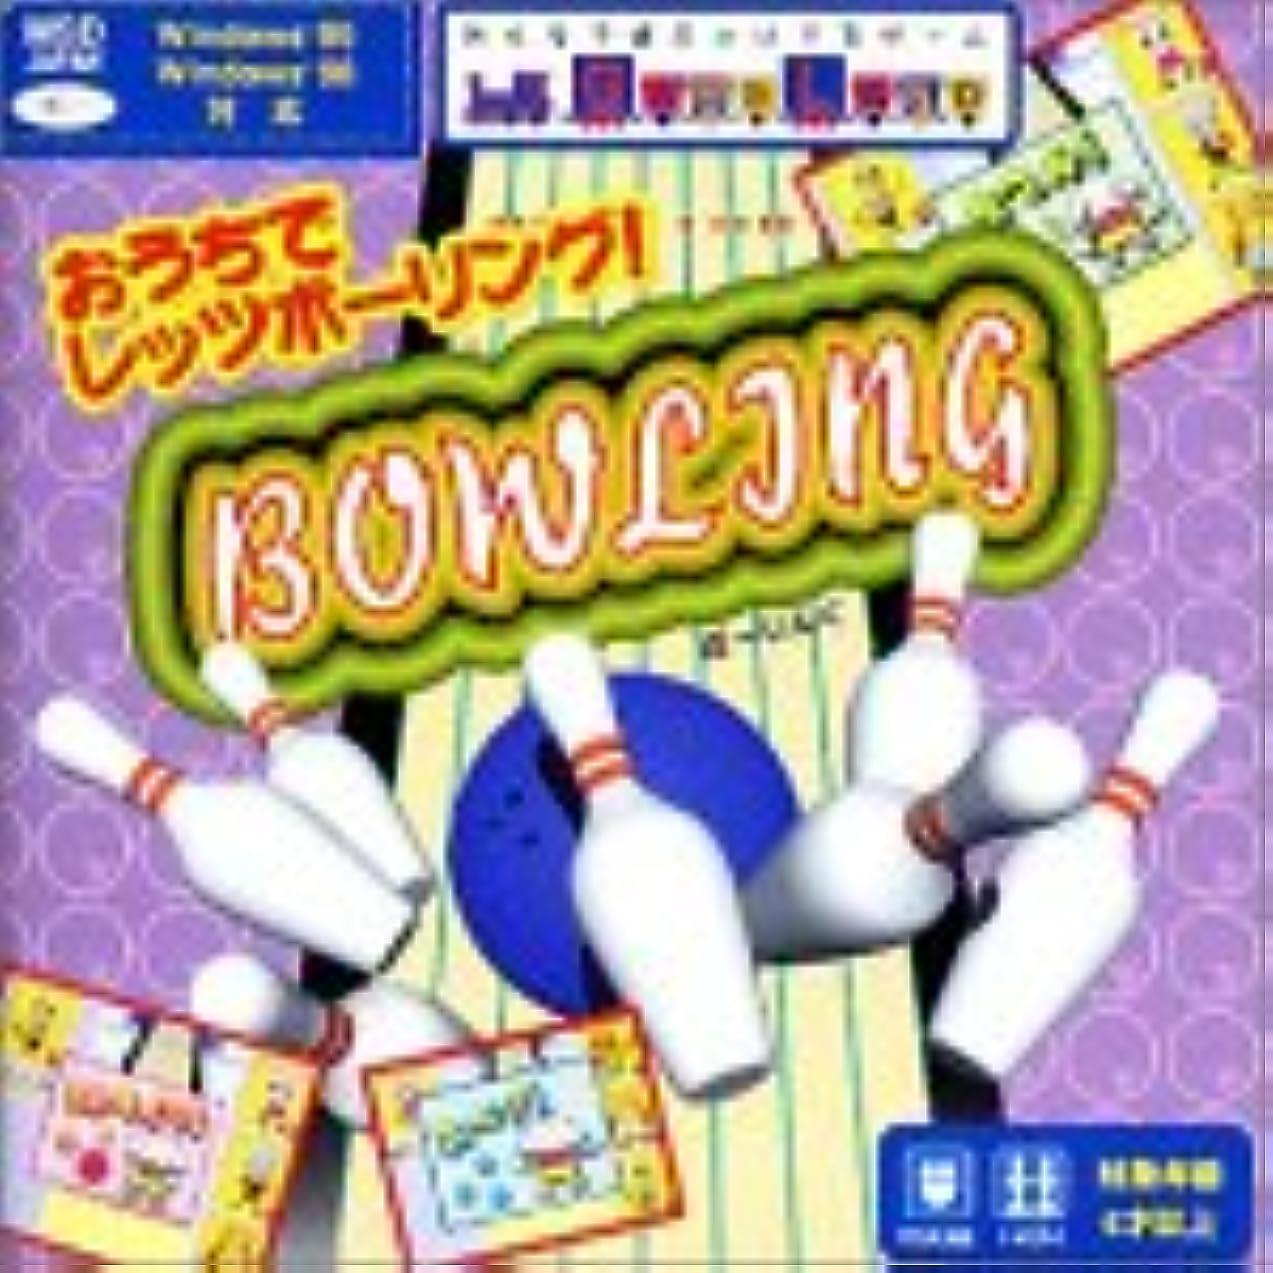 ライバル通信する座標GameLand Bowling ~おうちでレッツボーリング!~ Pケースサイズ